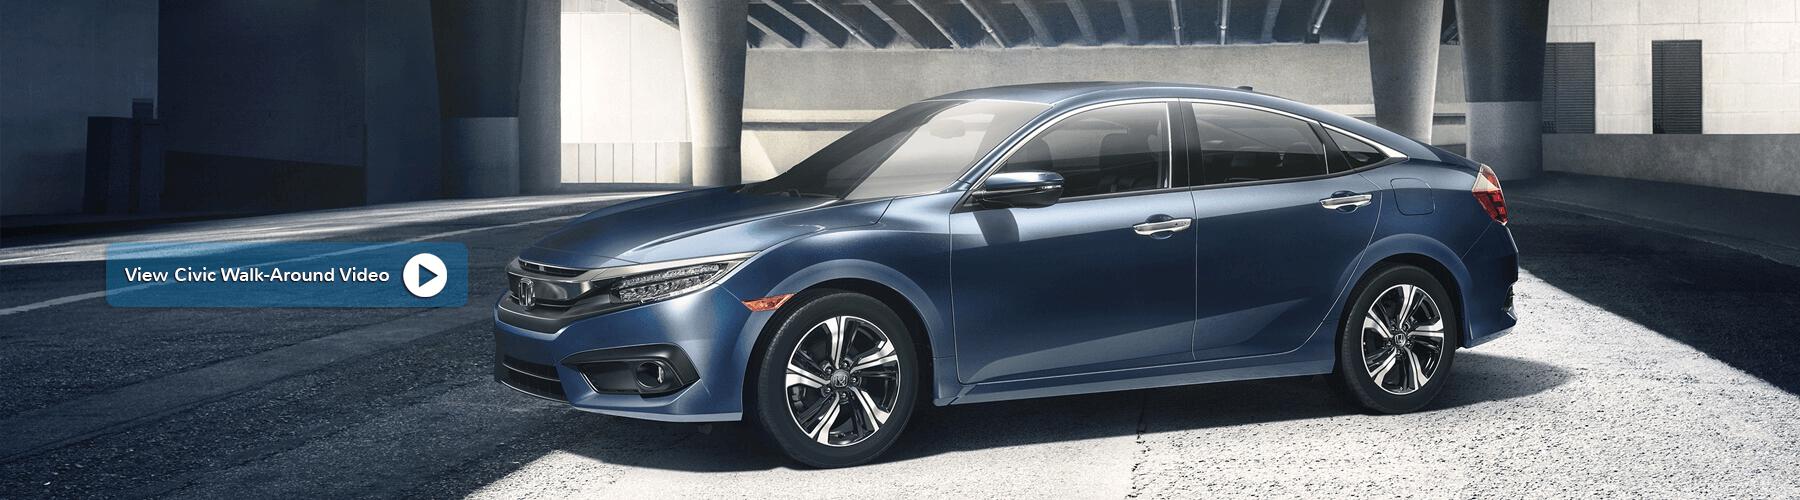 2017 Honda Civic Sedan Banner